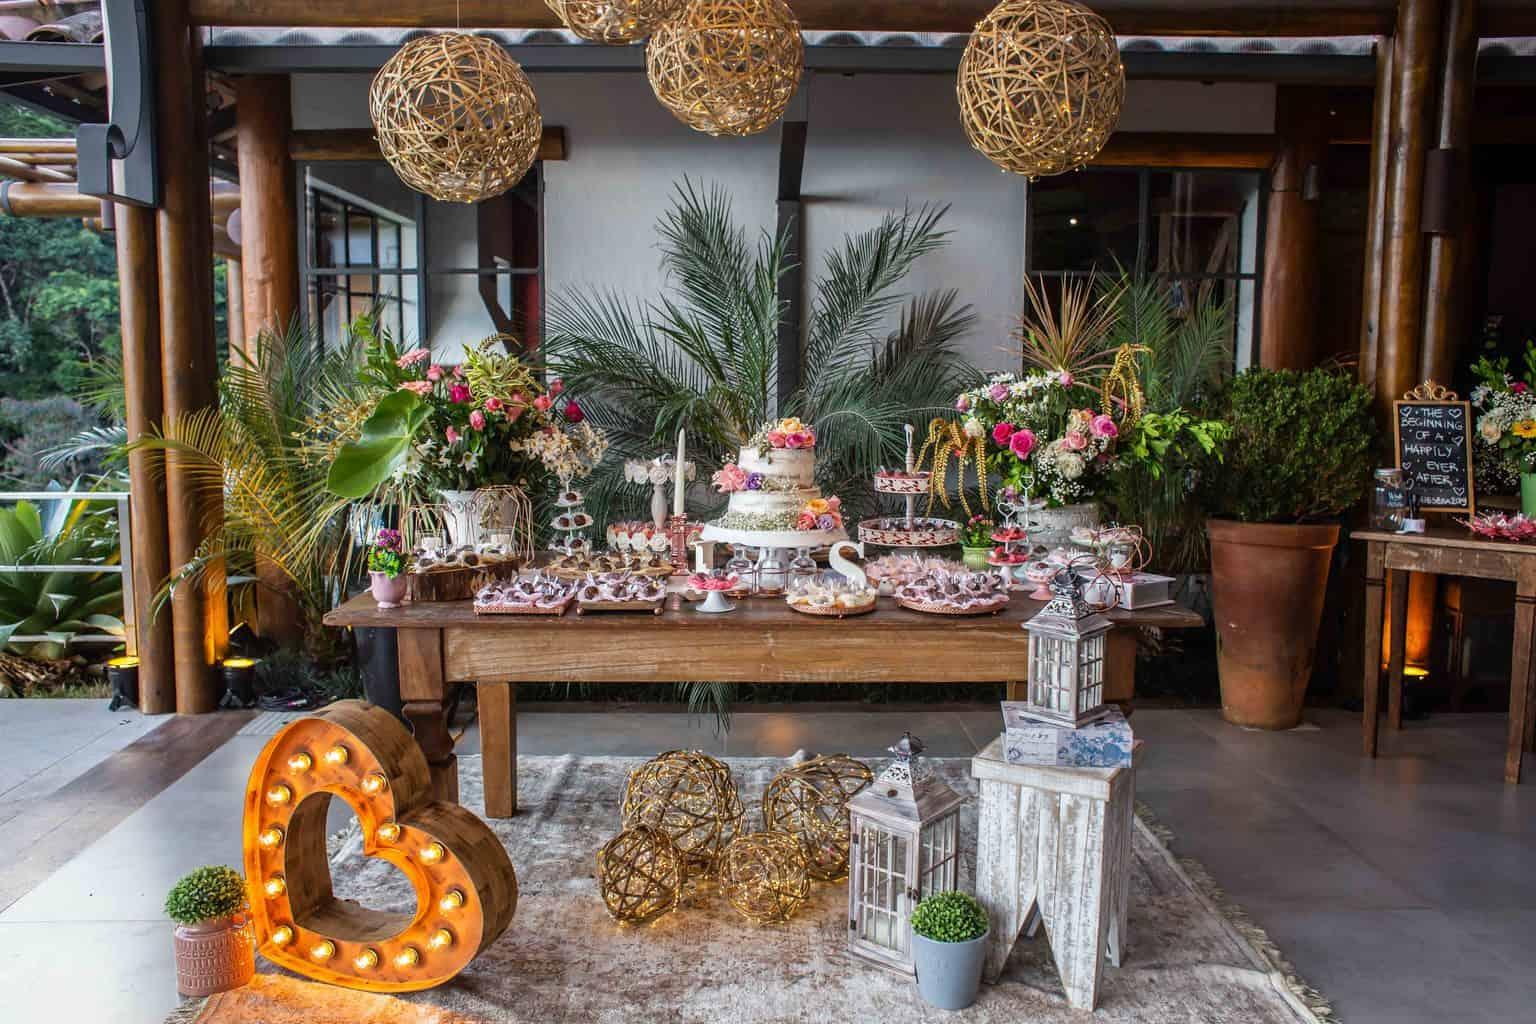 Casamento-Juliana-e-Sebastian-decoracao-decoracao-rustica-mesa-de-doces-Pousada-La-Belle-Bruna15